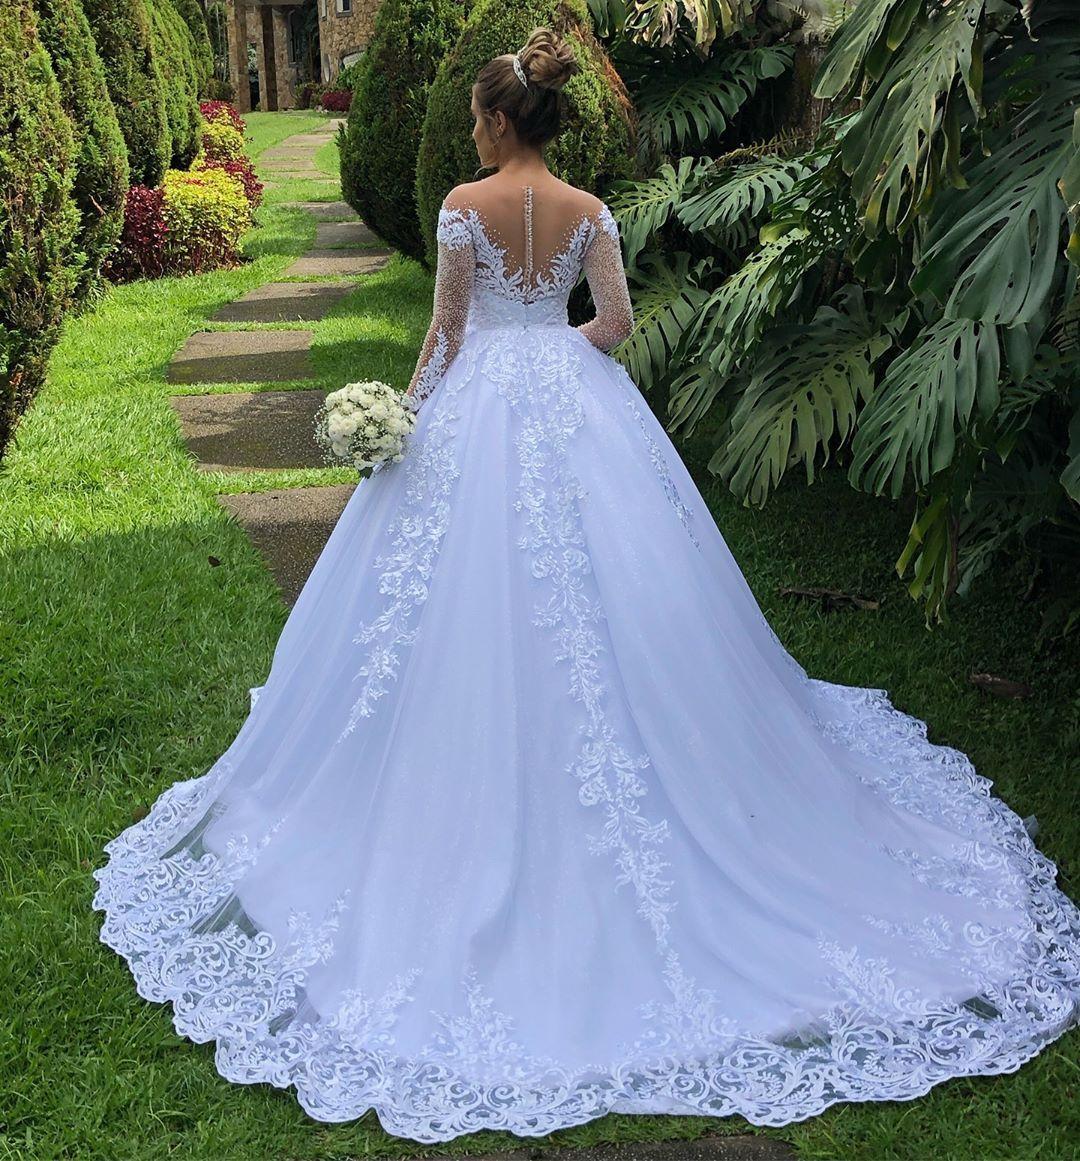 Atelie May Lysakowski en Instagram Enamorada de este vestido Atención chicas Promoción  Atelie May Lysakowski en Instagram Enamorada de este vestido Atenci&...